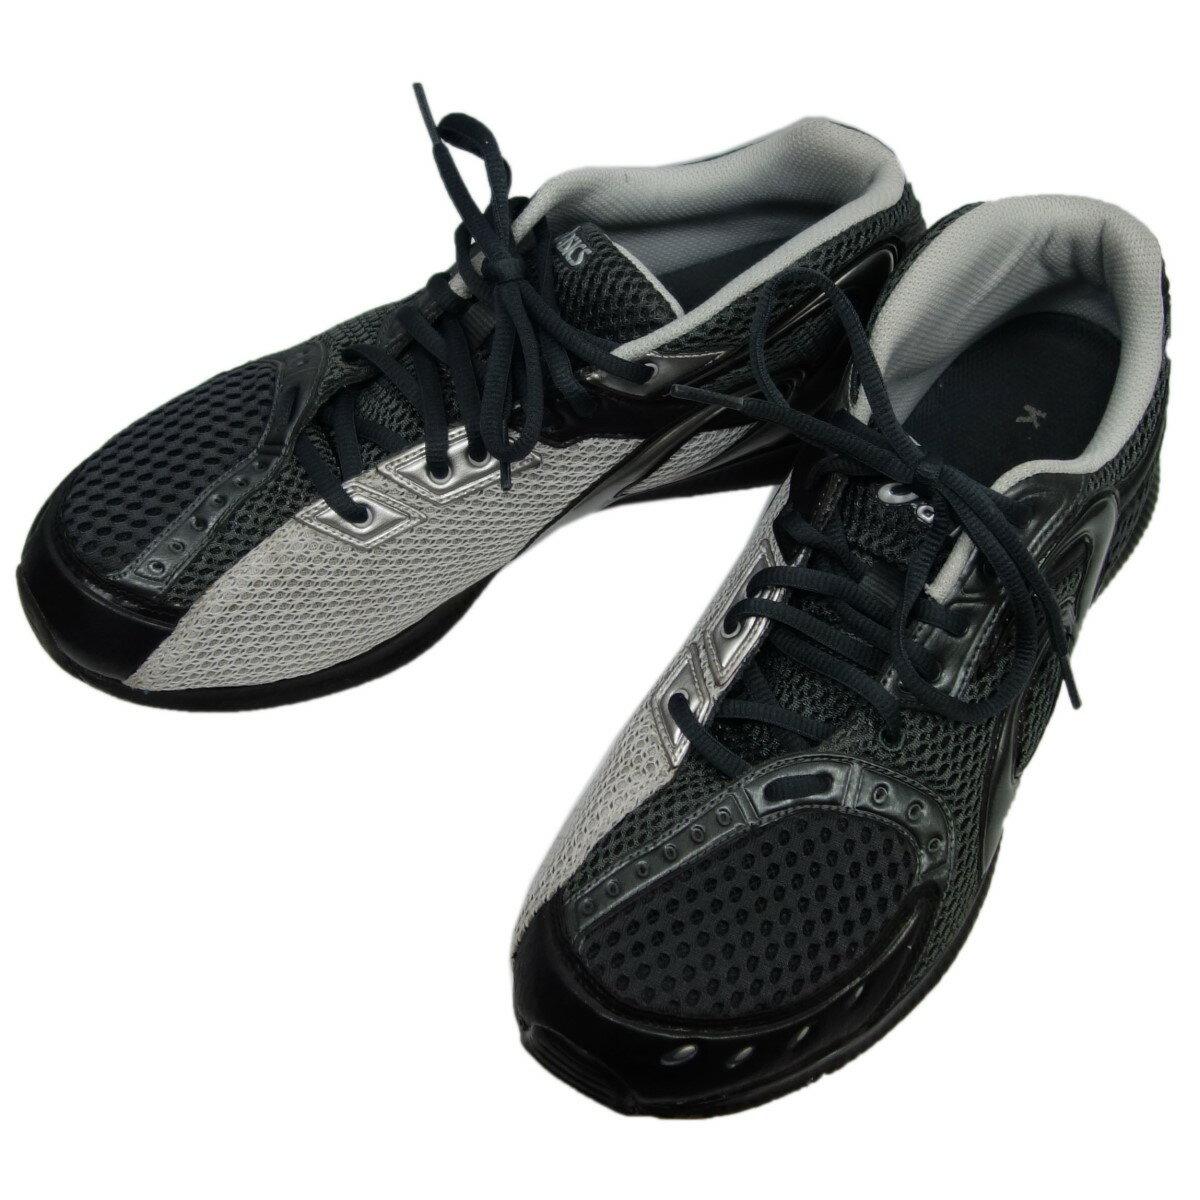 メンズ靴, その他 kiko kostadinov asicsGEL-SOKAT INFINITY 28cm 105